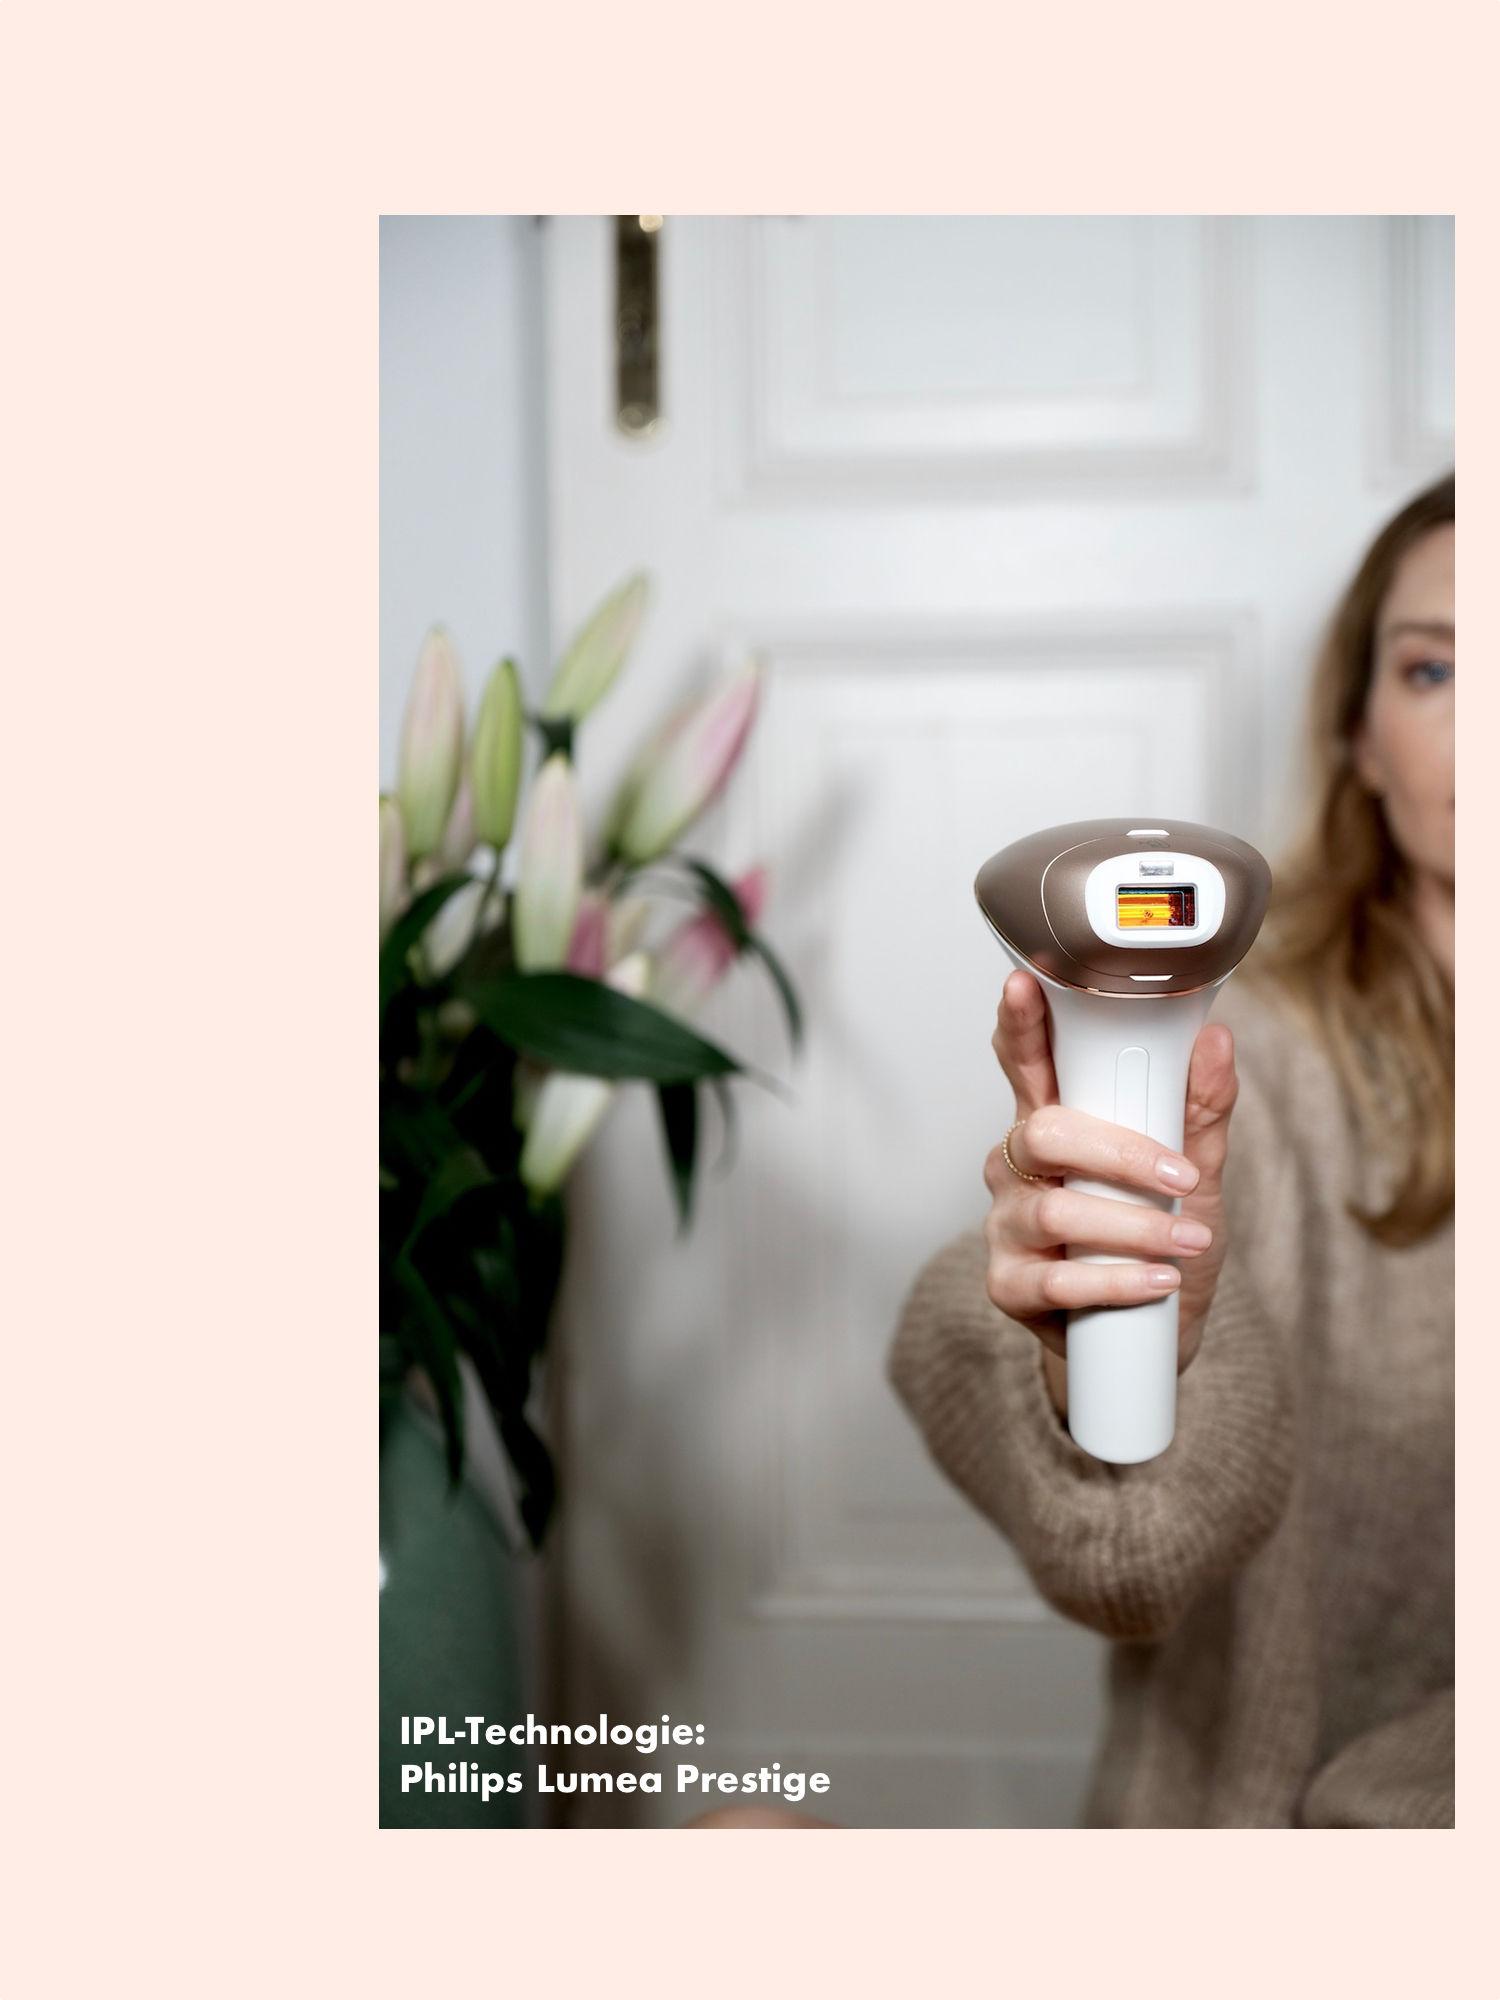 Beautyblog Beautyblogger BARE MINDS Elina Neumann Erfahrungsbericht Philips Lumea Review 6